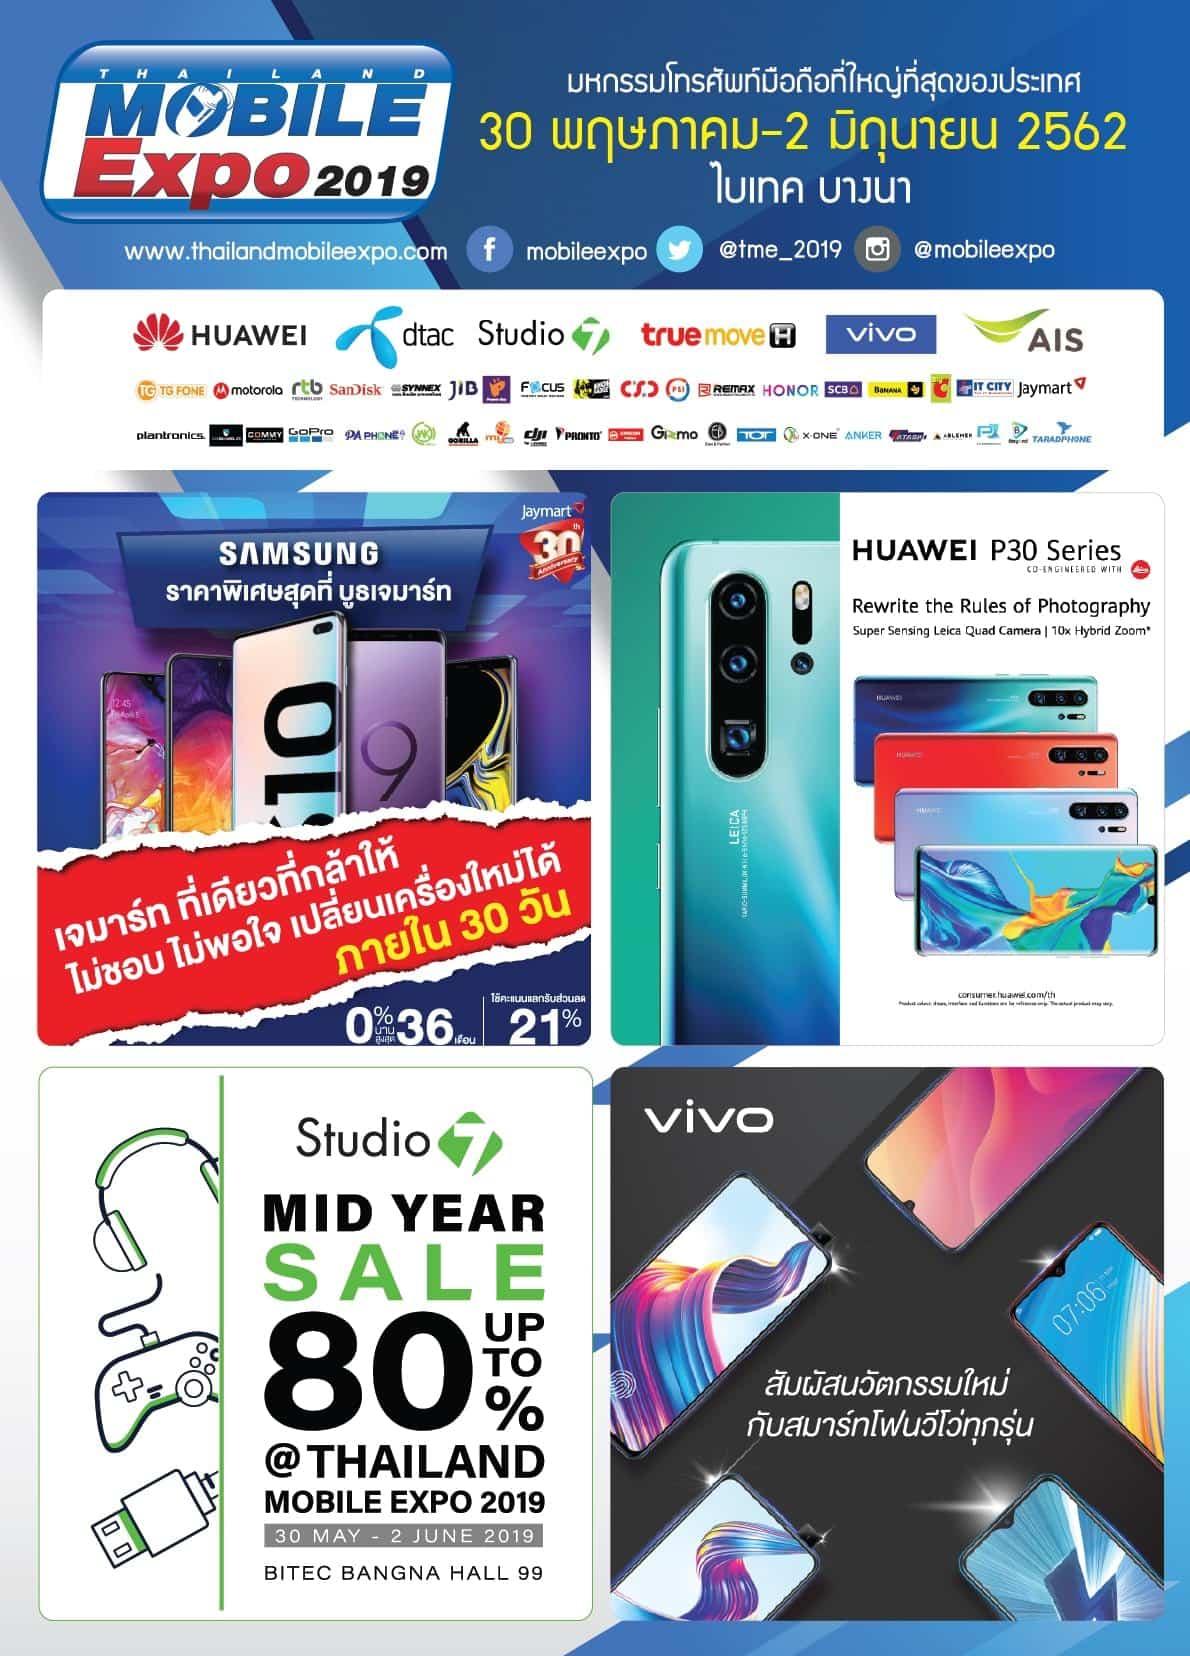 รวมโปรโมชั่น Thailand Mobile Expo 2019 วันที่ 30 พ.ค. - 2 มิ.ย. 2562 2